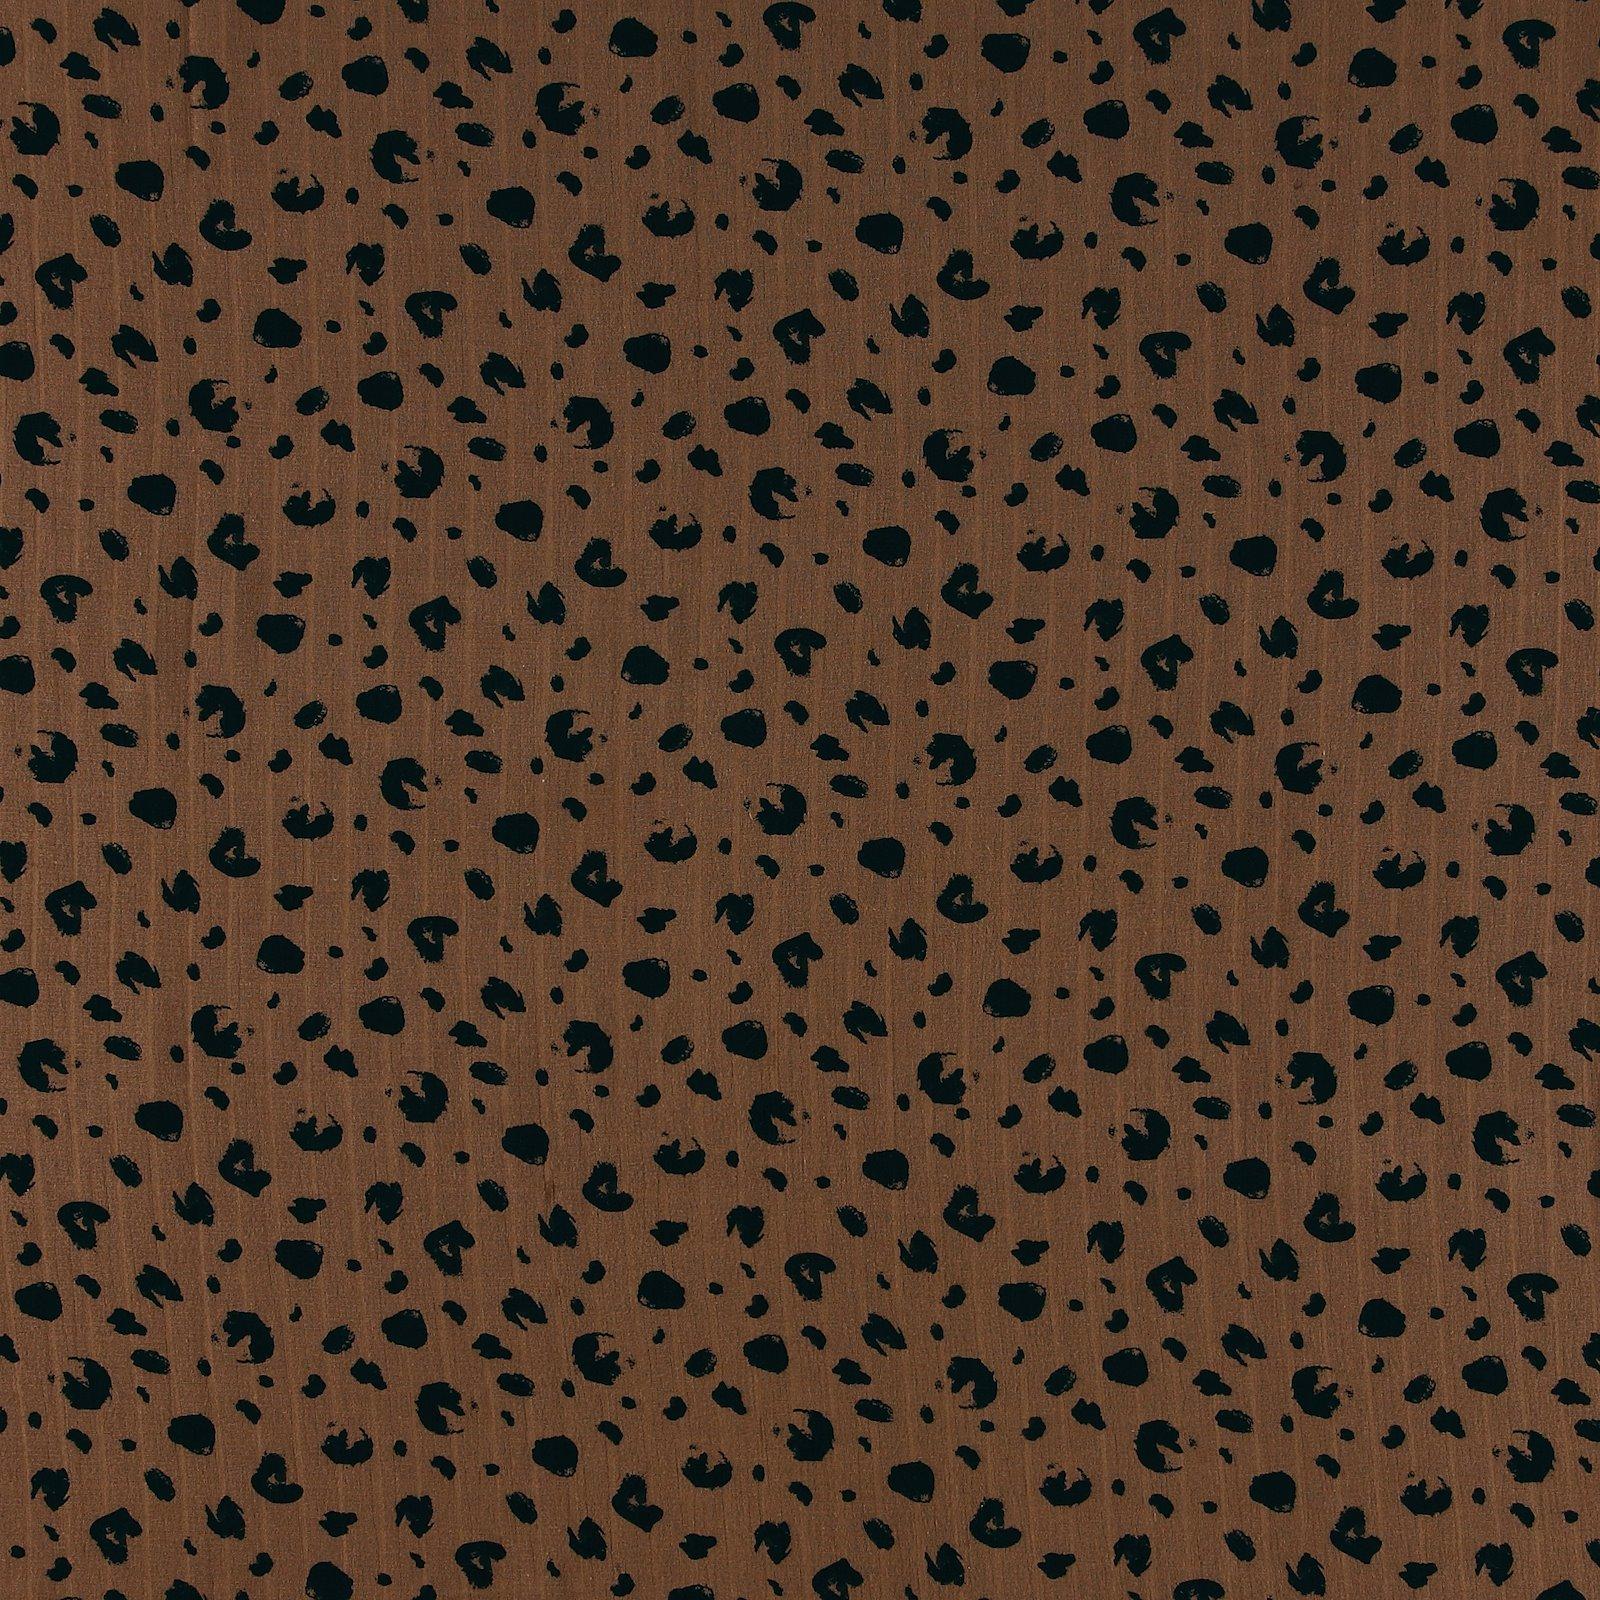 Muslin brown w leo print 501624_pack_sp